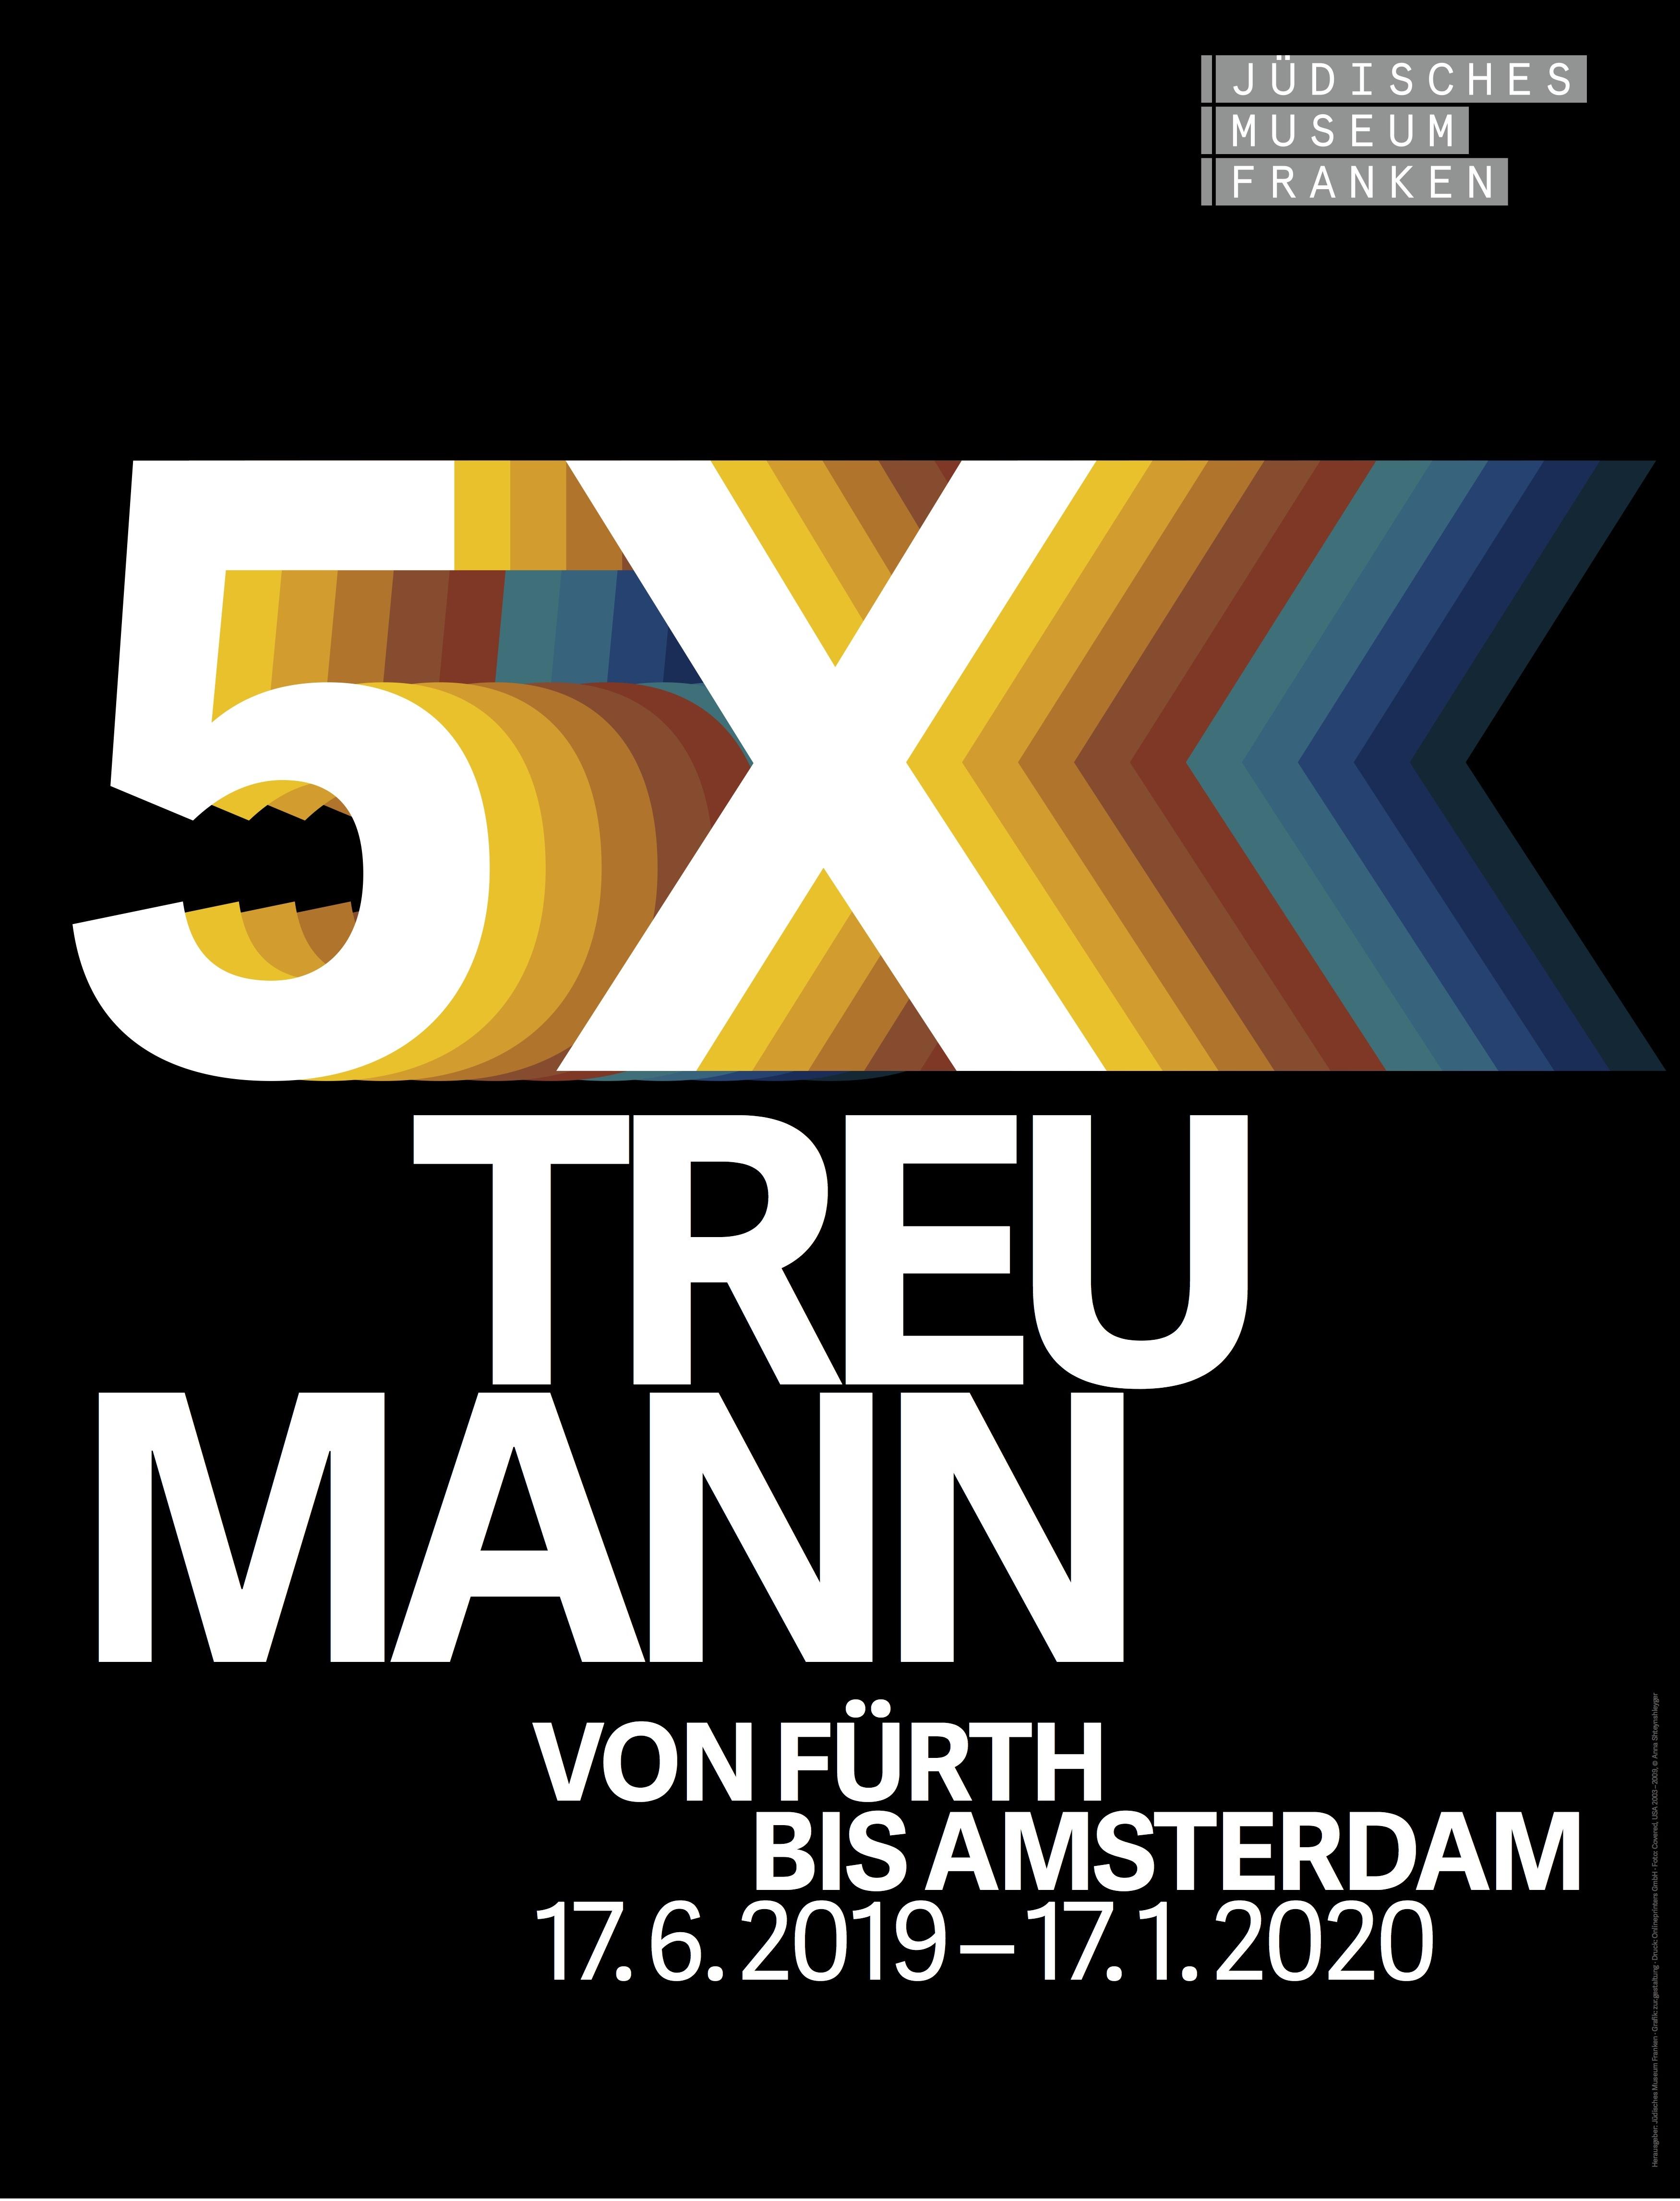 """Plakatmotiv der Wechselausstellung """"5x Treumann"""" im Jüdischen Museum Franken in Fürth vom 17.7.2019-19.1.2020."""